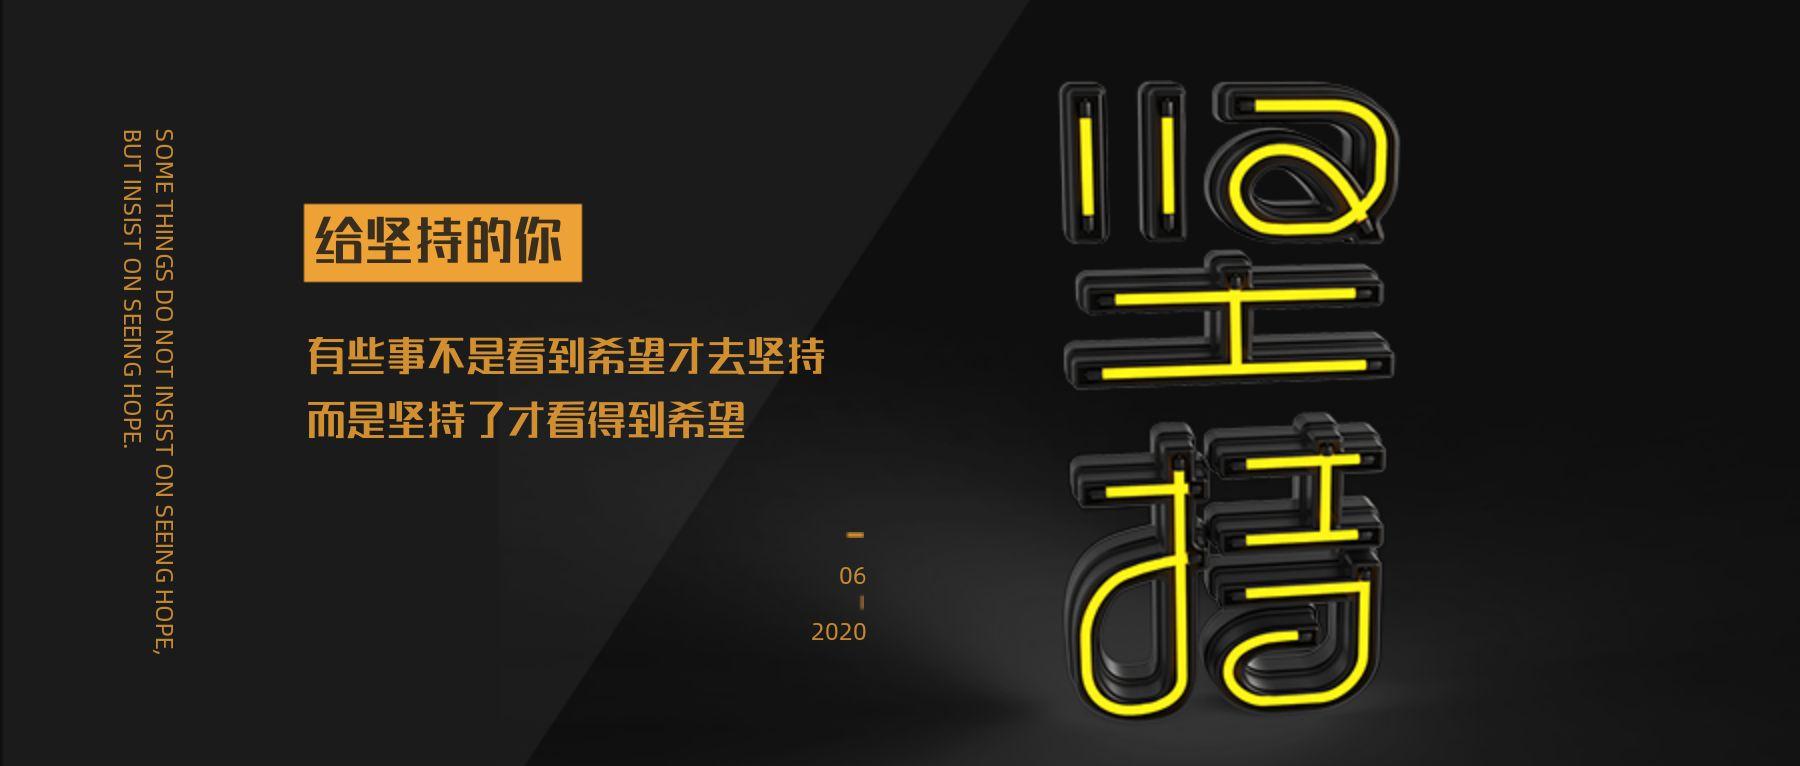 炫酷黑黄色给坚持的你励志坚持企业文化励志宣传朋友圈微信公众封面大图